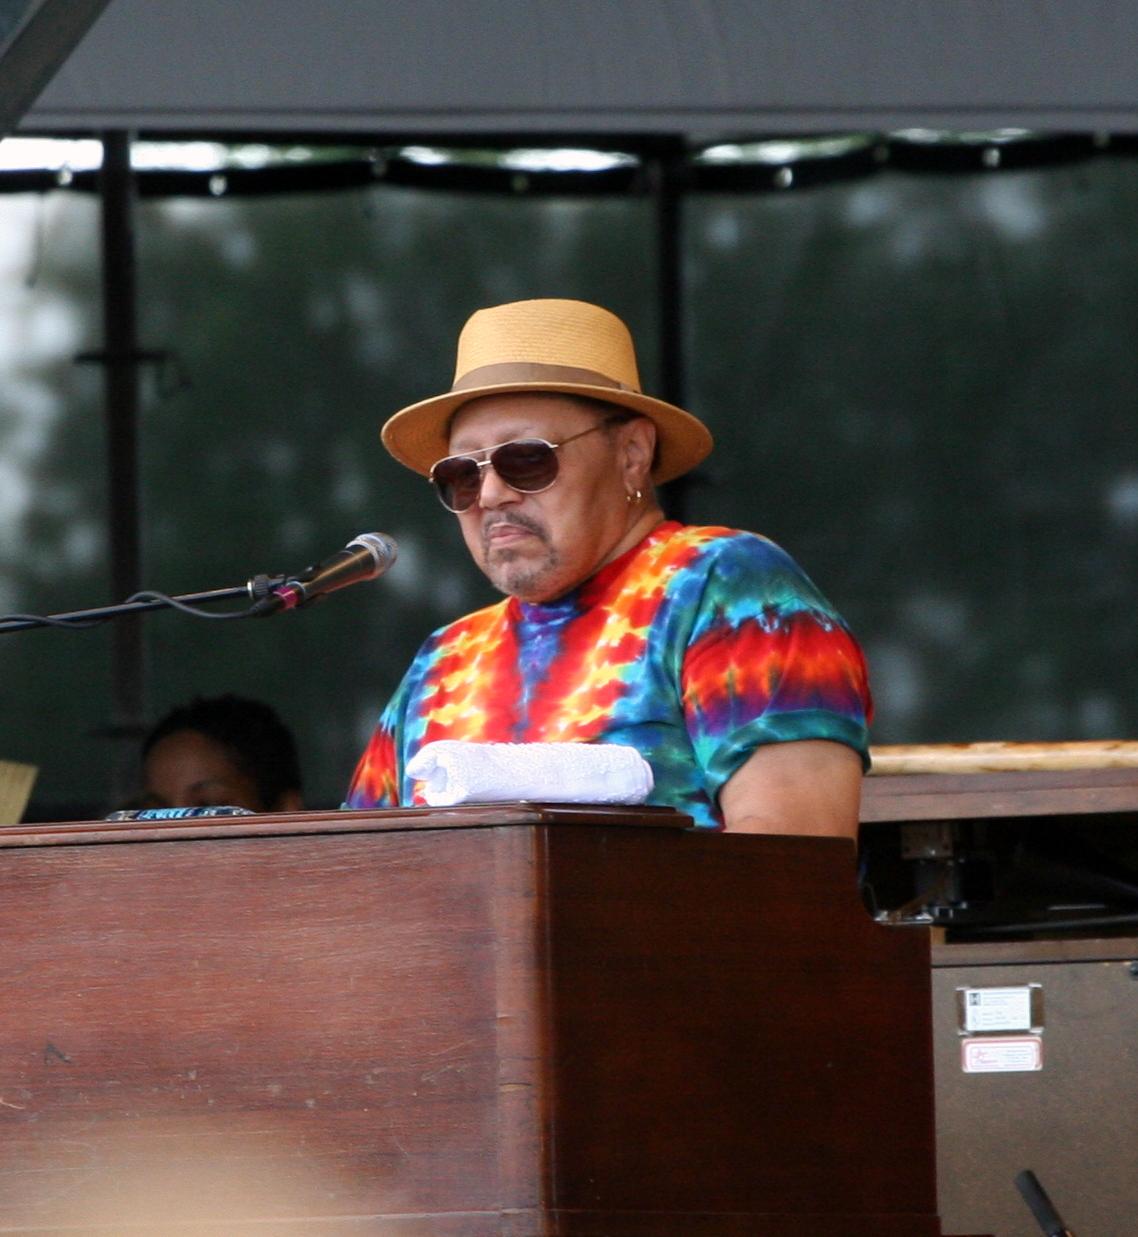 art neville playing piano